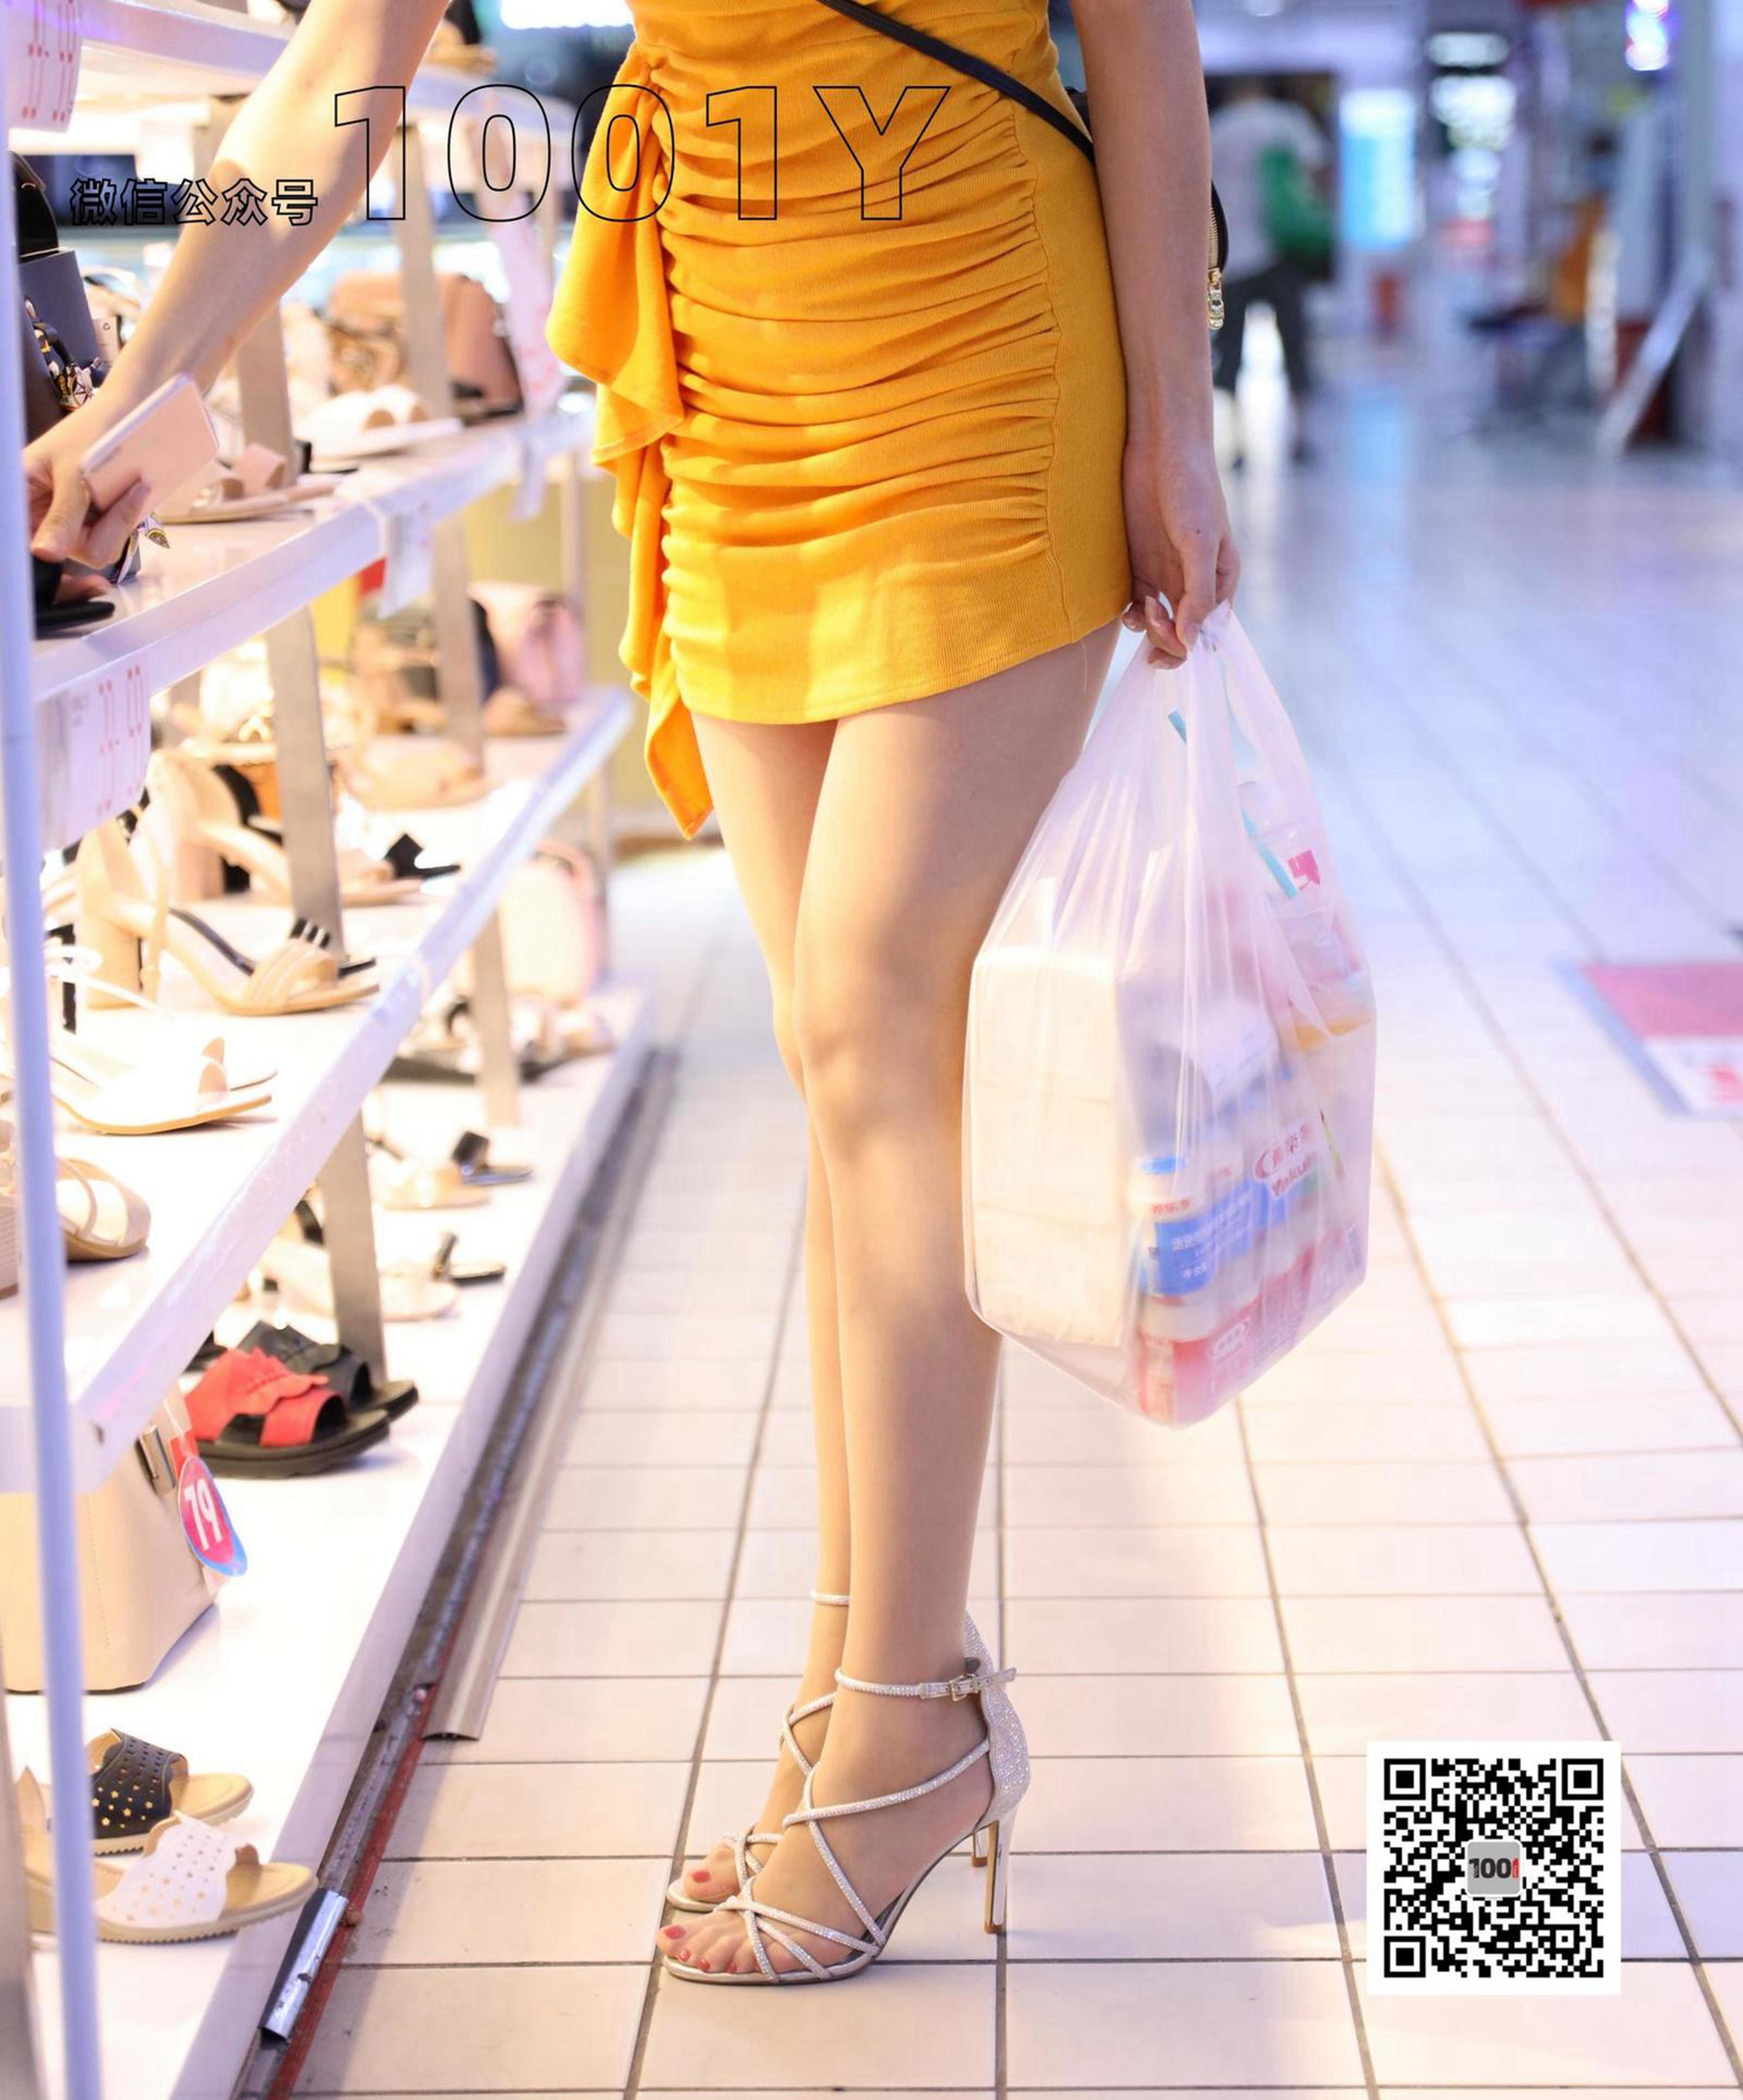 1001夜丝事 模特:Lucy 《超市购物2》肉色丝袜大长腿真的太吸引仁的目光!!-蜜桃畅享